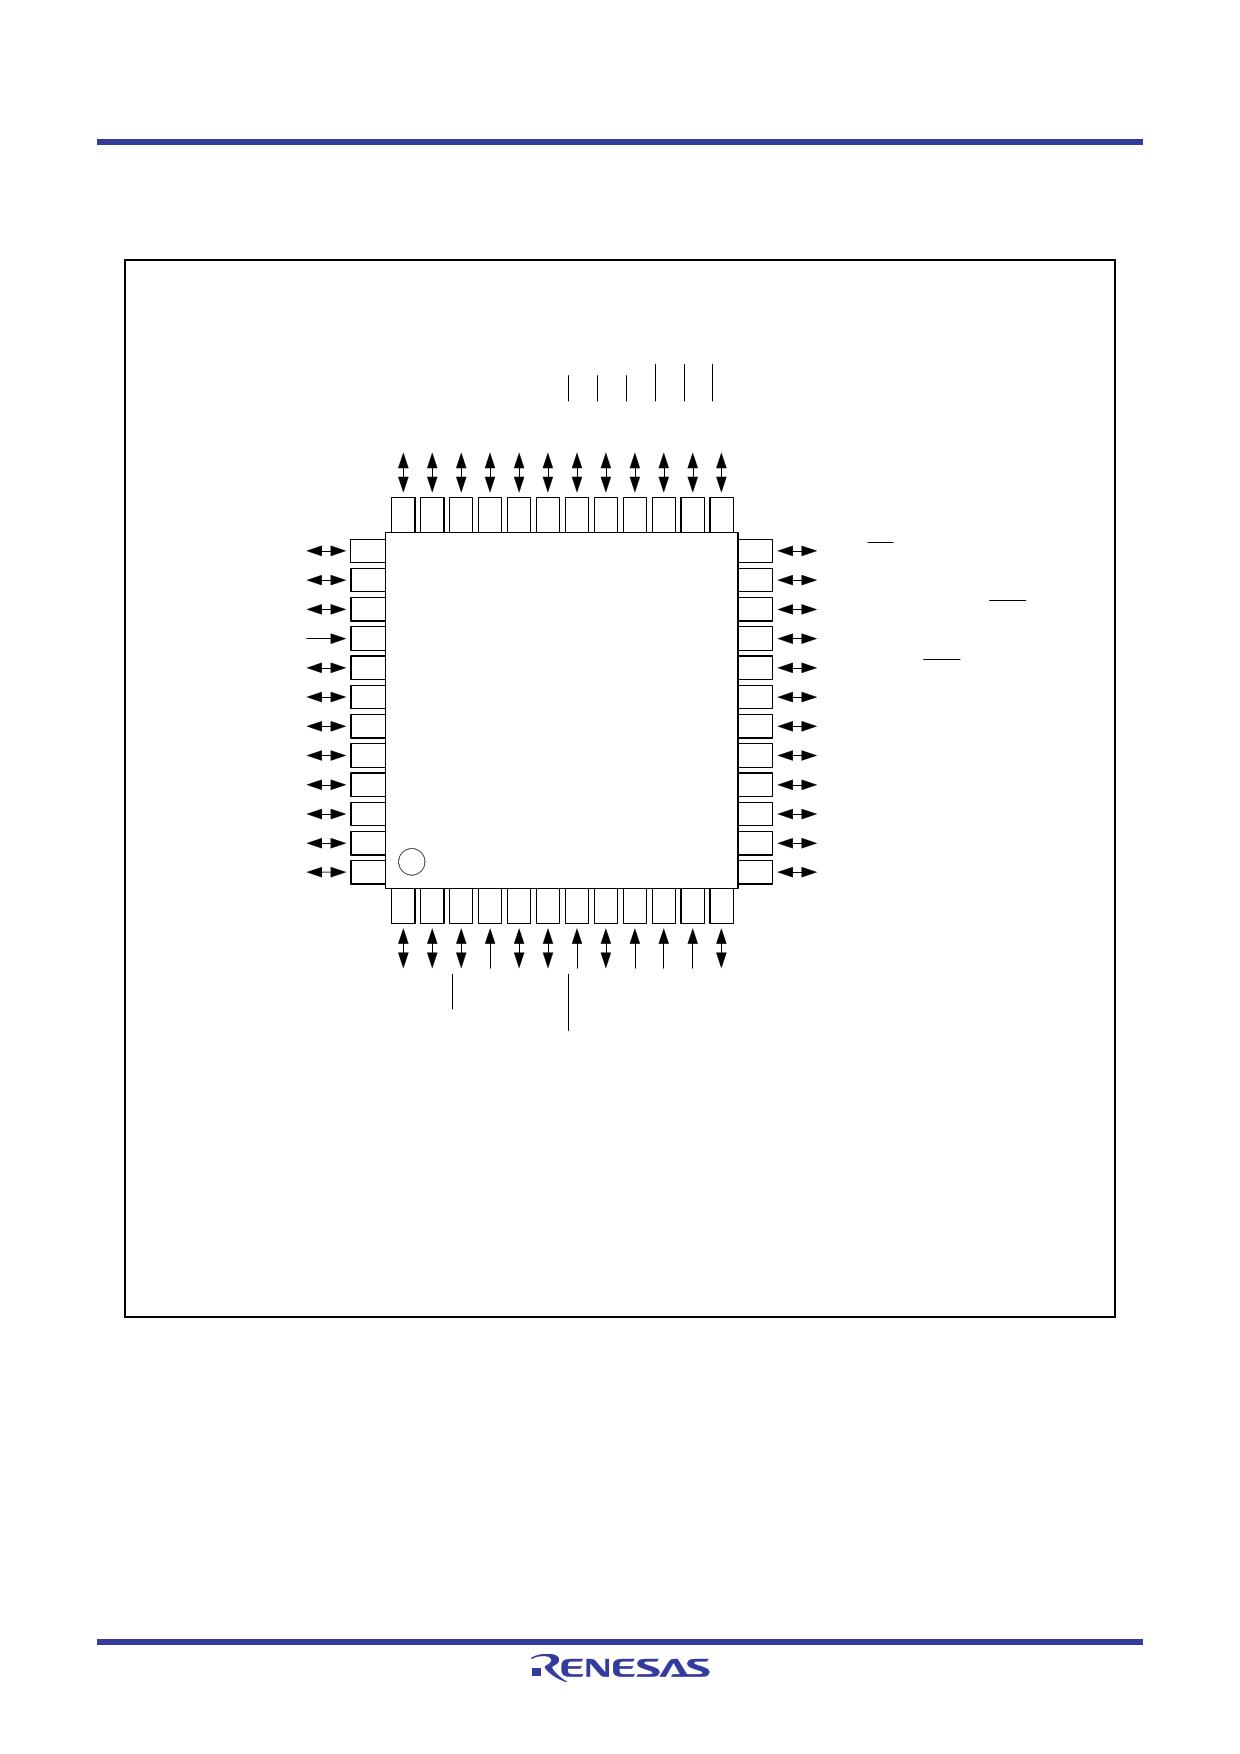 R5F2122AKFP 전자부품, 판매, 대치품